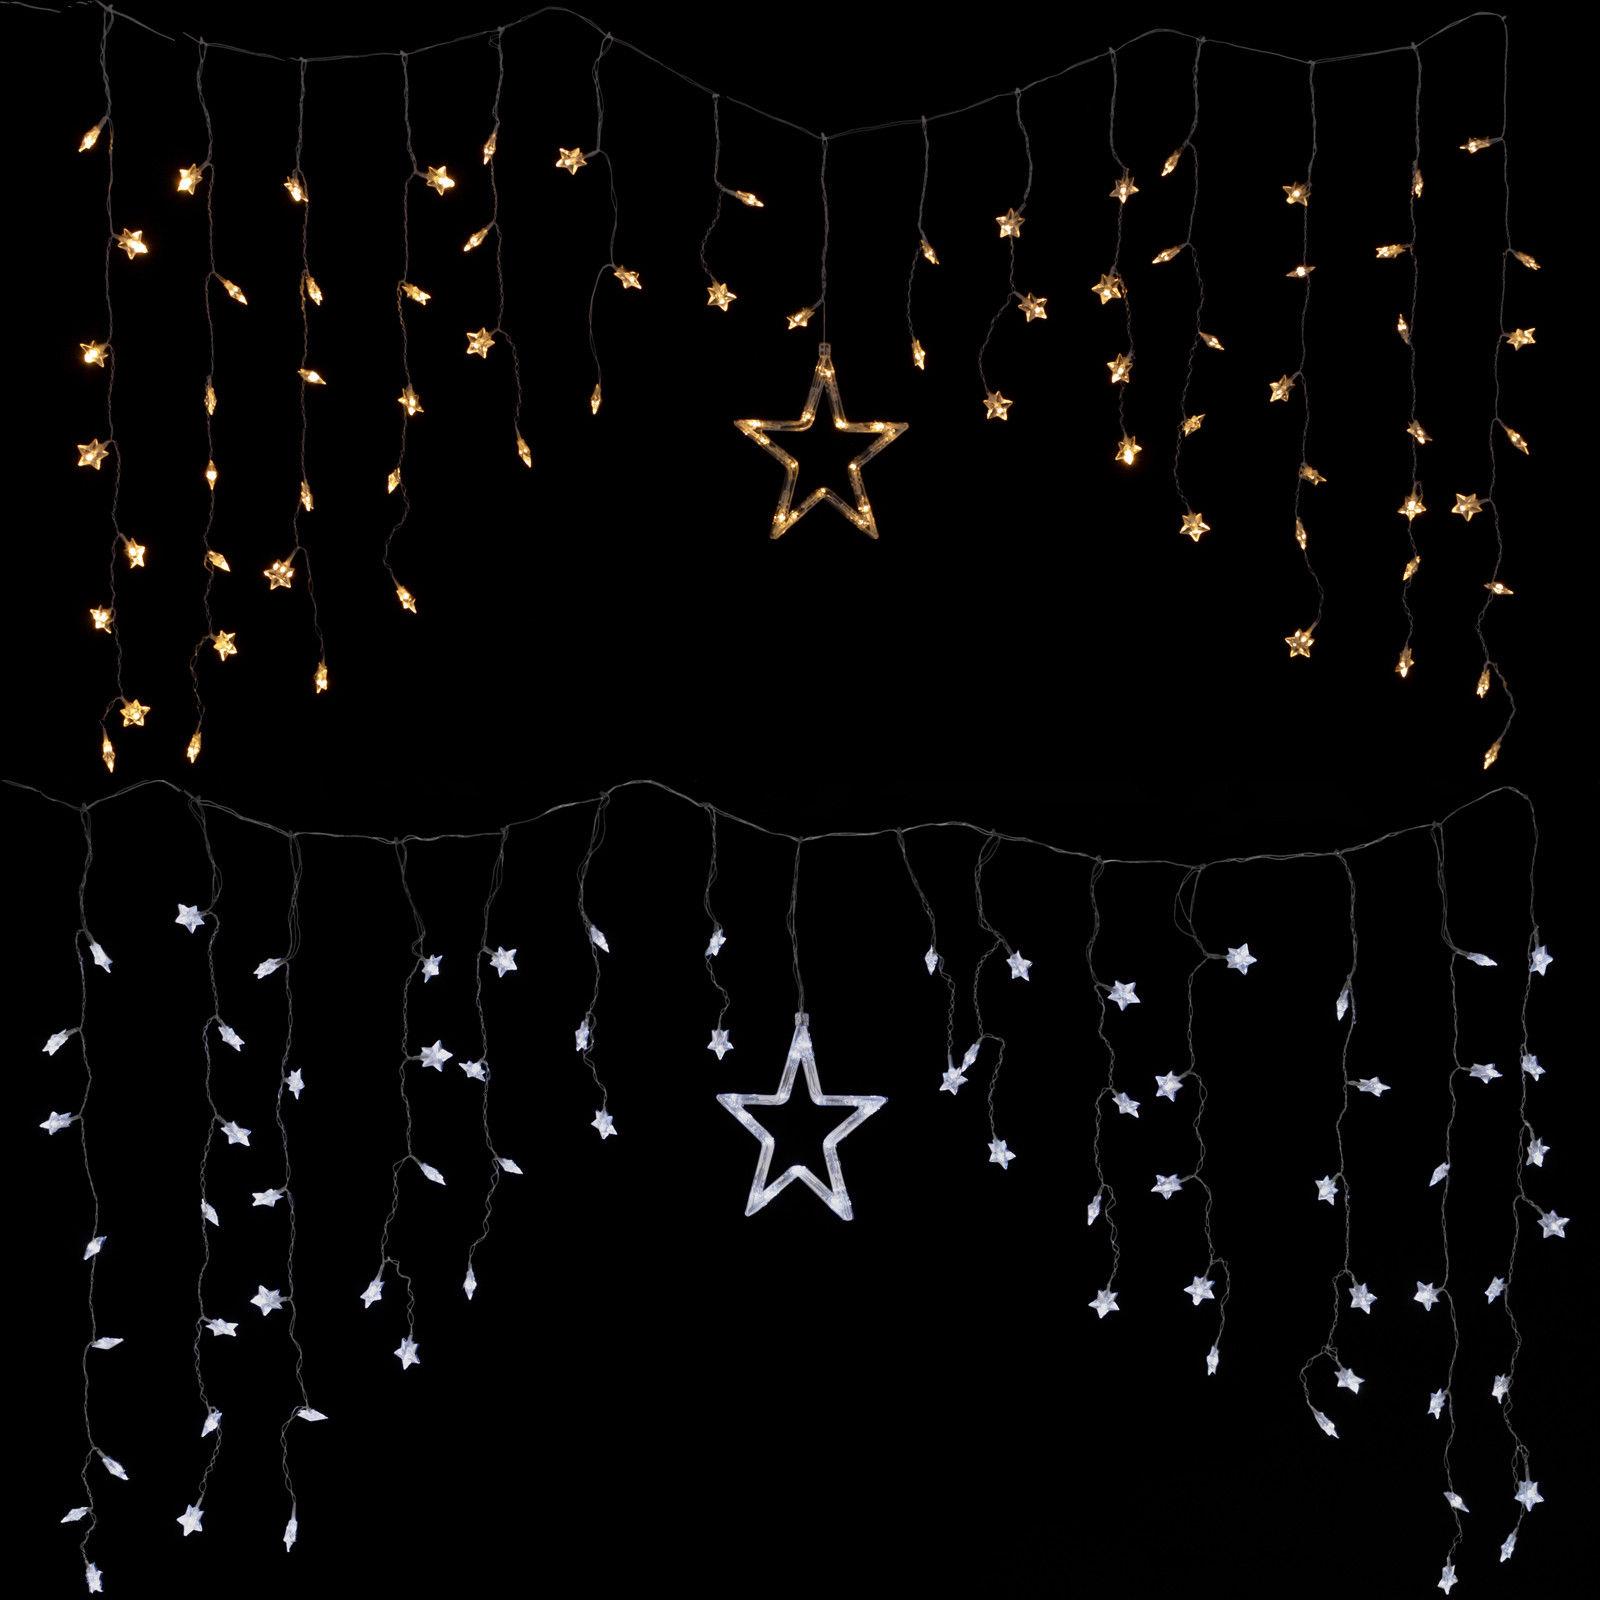 Full Size of Weihnachtsbeleuchtung Fenster Led Lichtervorhang Lichterkette Deko Sterne Licht Braun Insektenschutz Für Türen Velux Ersatzteile Putzen Veka Fenster Weihnachtsbeleuchtung Fenster